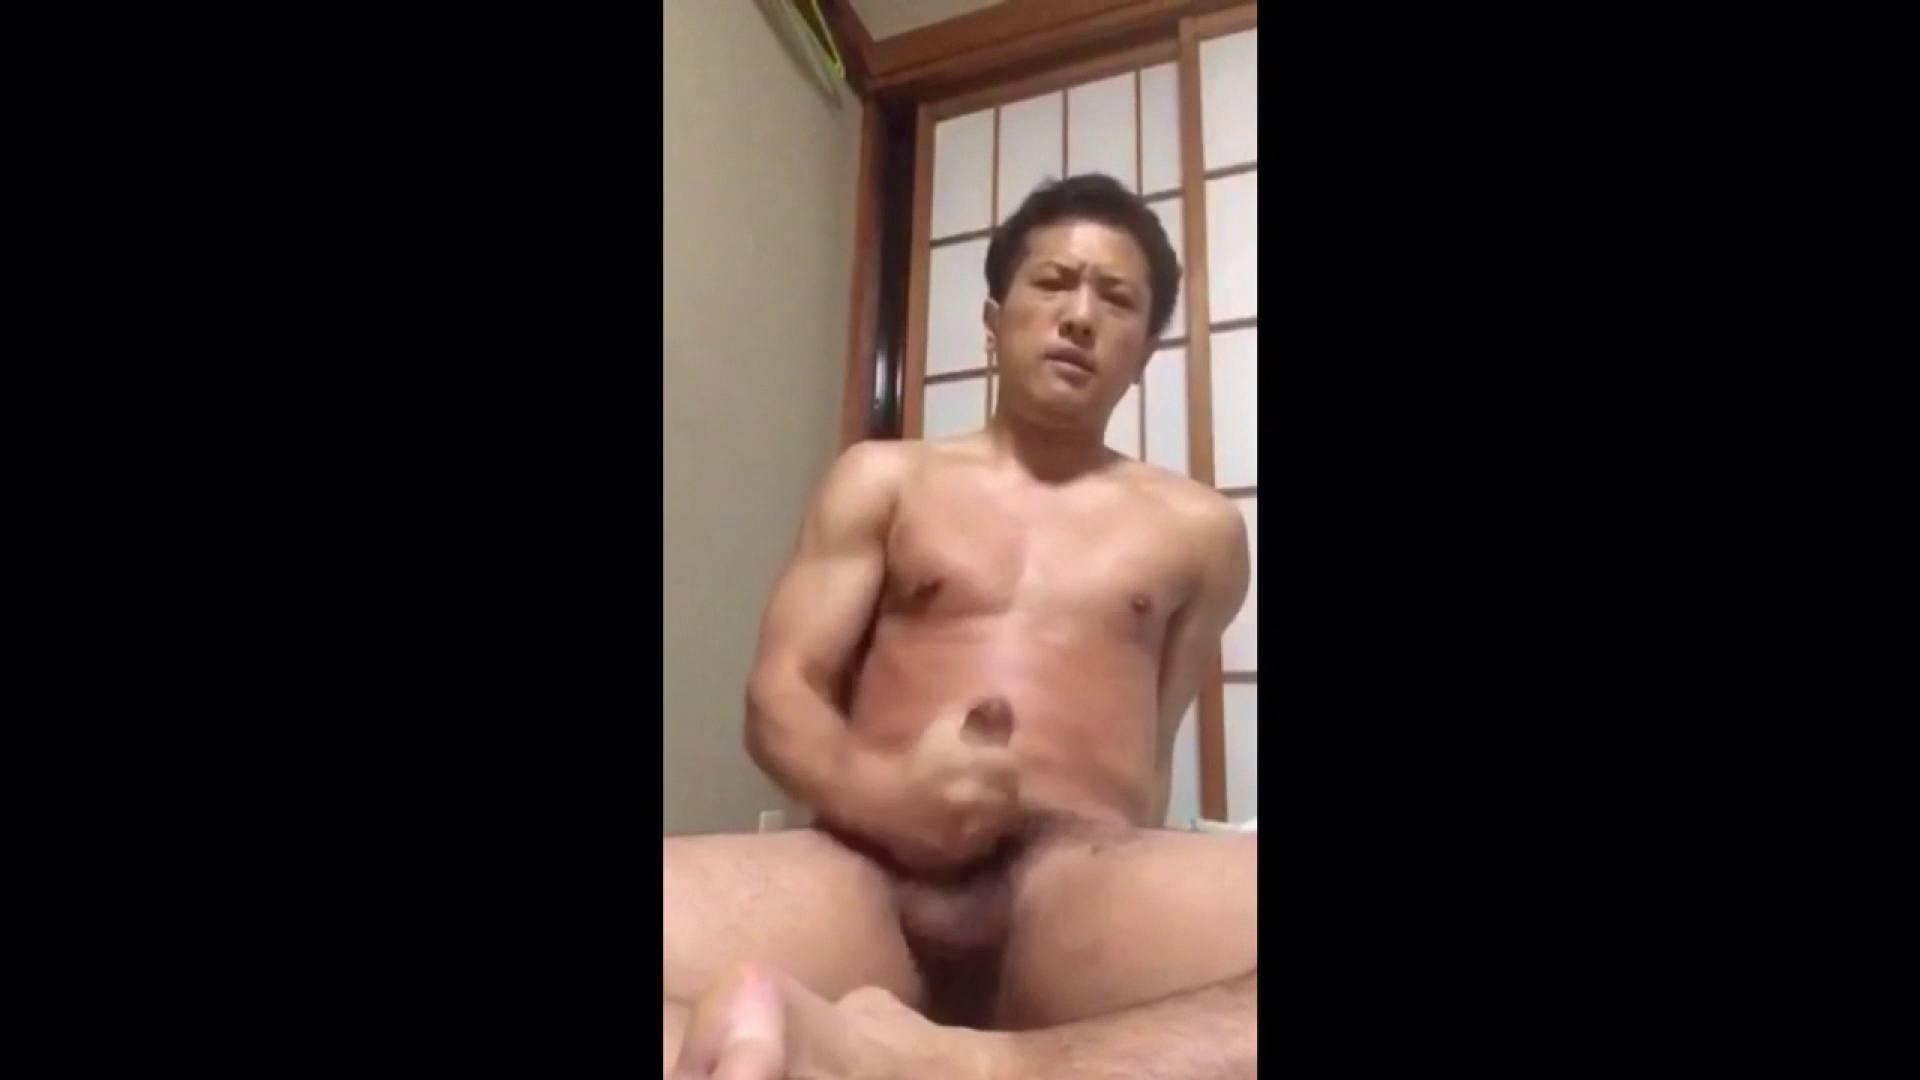 個人撮影 自慰の極意 Vol.25 手コキ AV動画 91枚 75